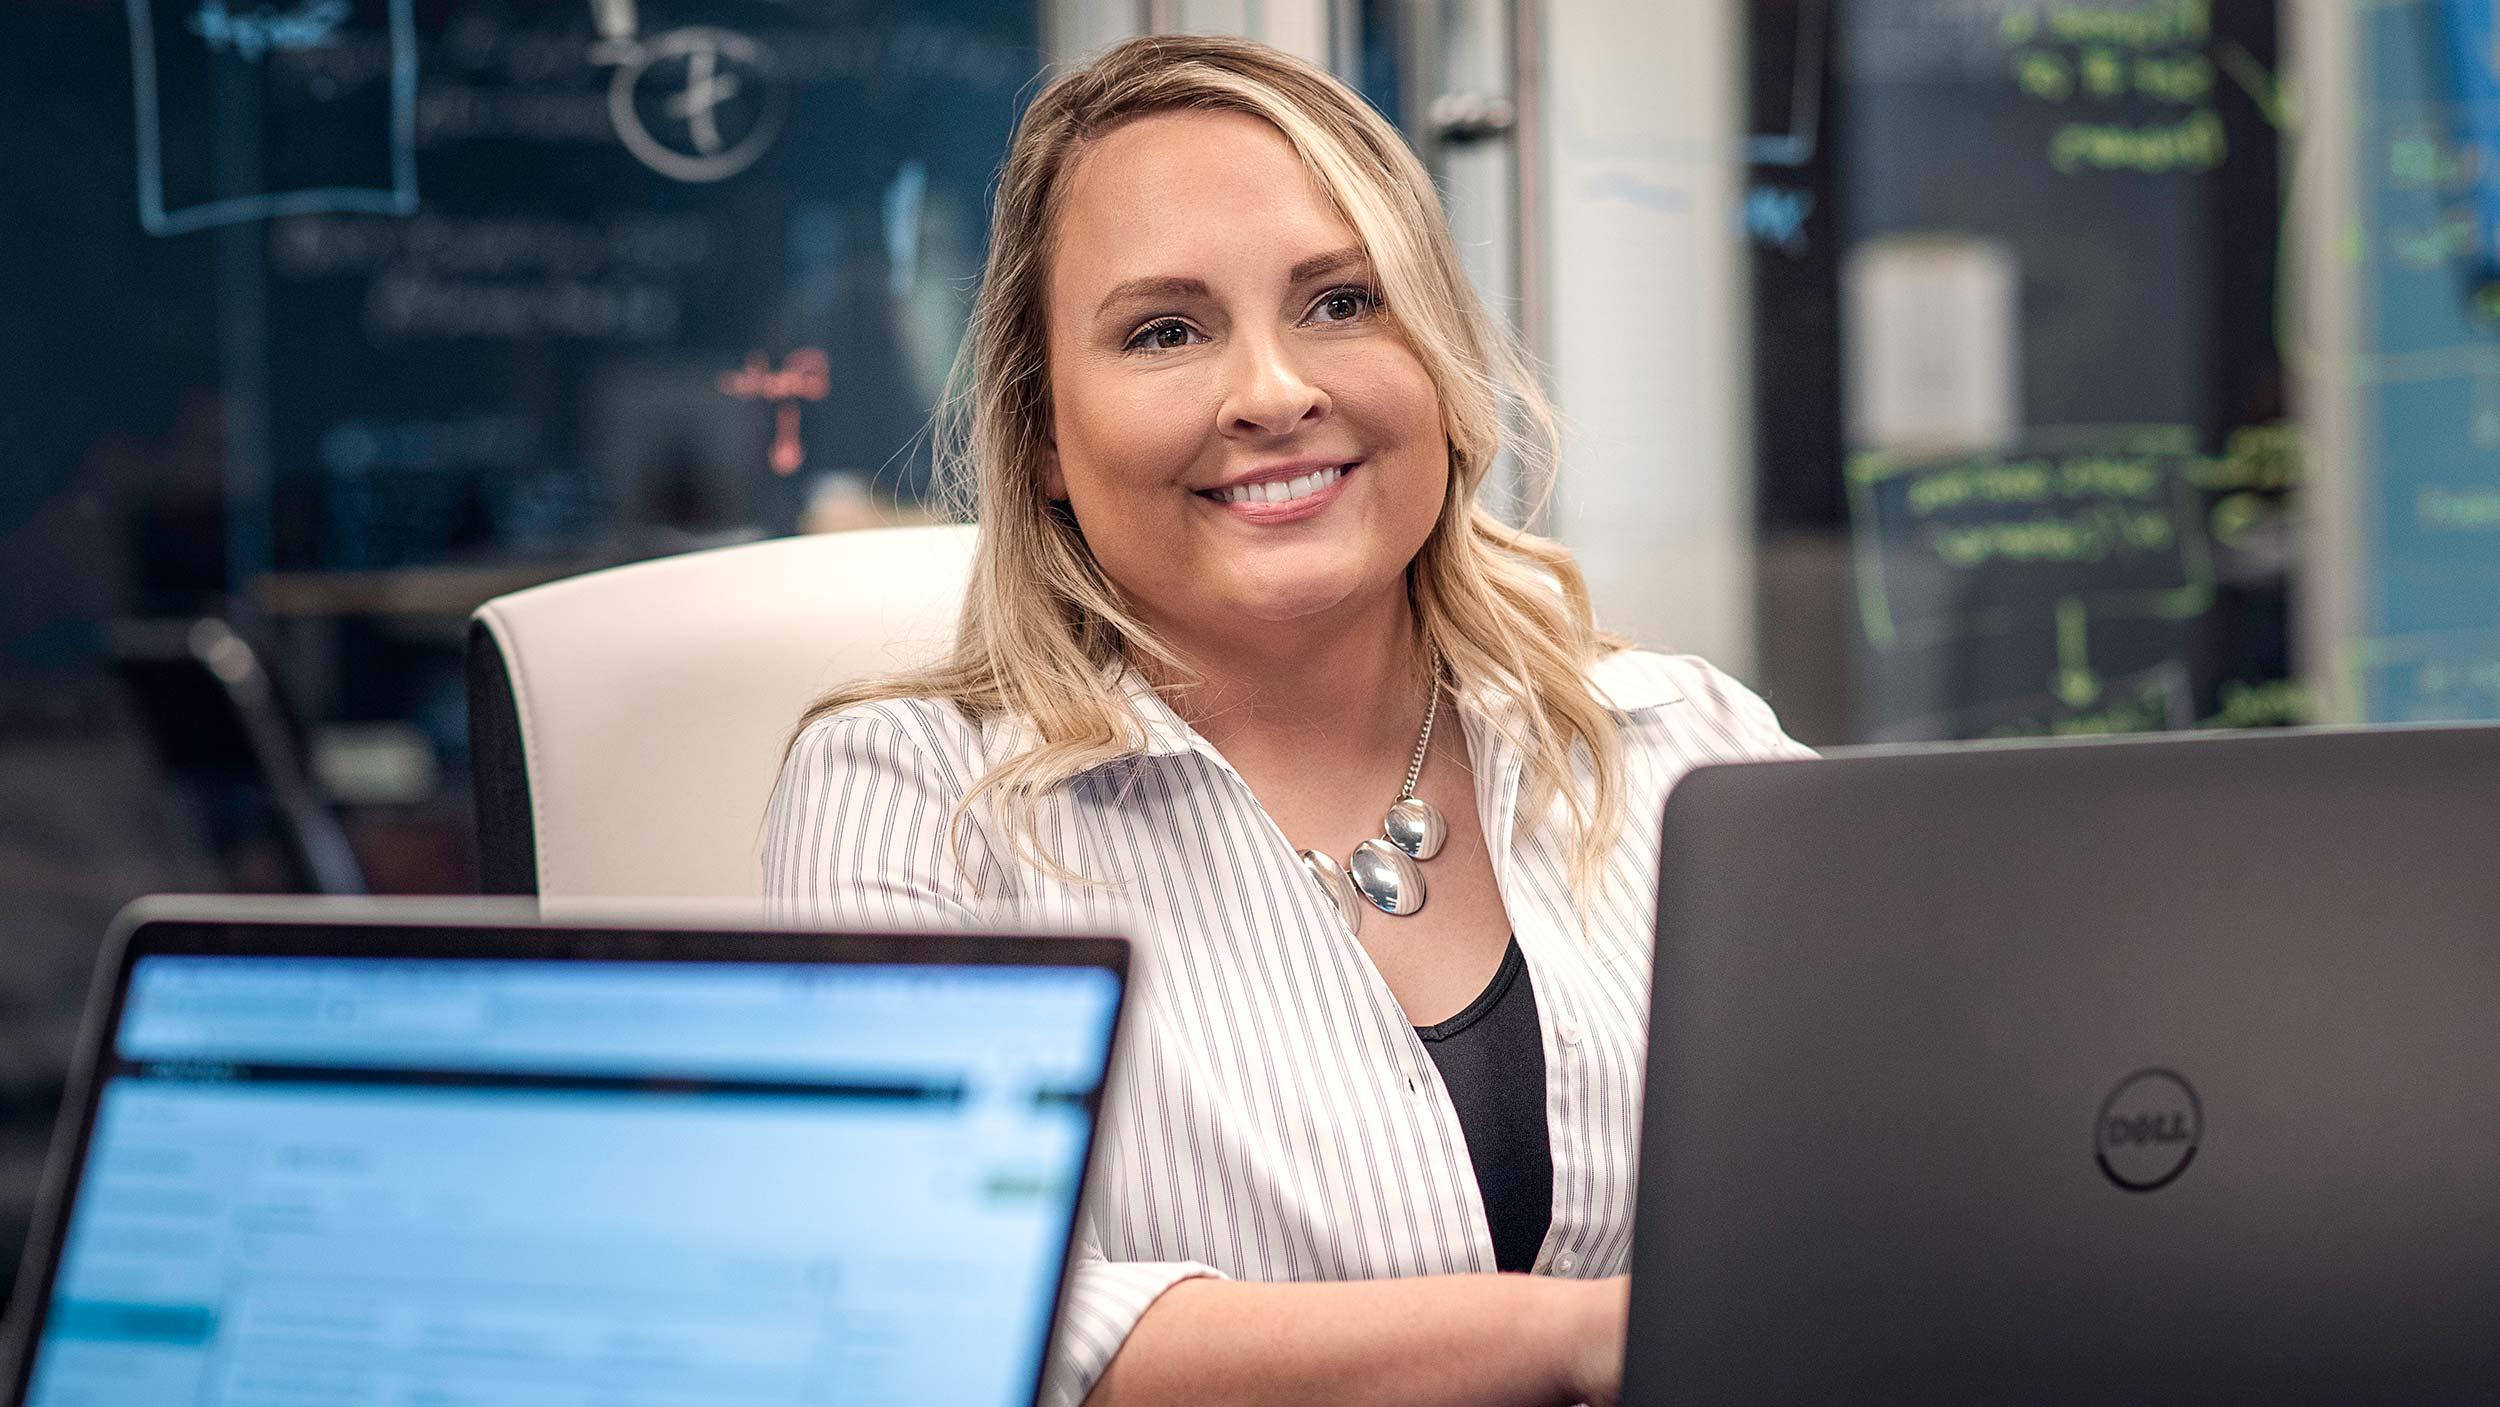 smiling woman working at laptop